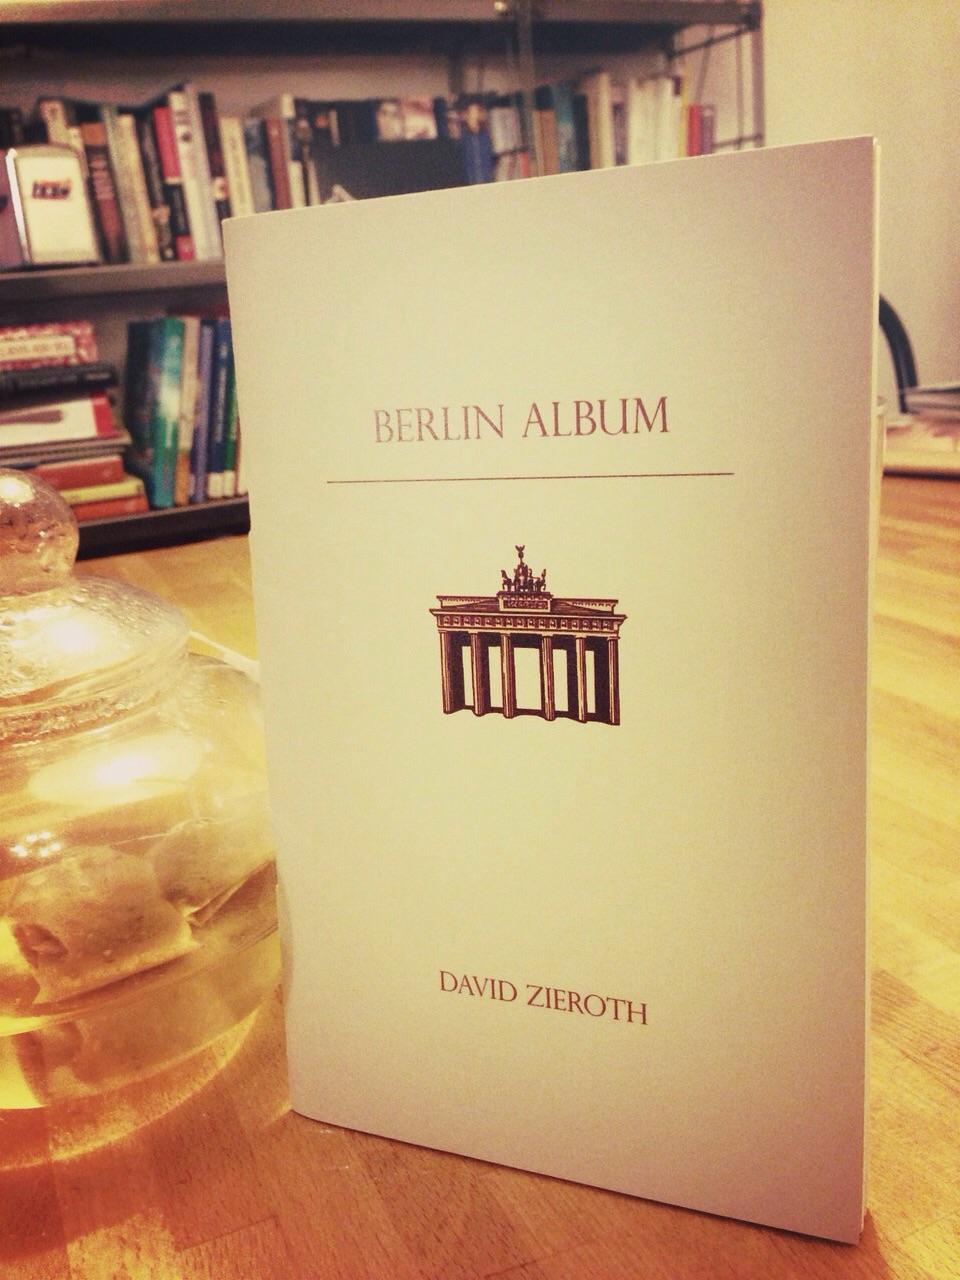 Berlin Album Rubicon Press  2009